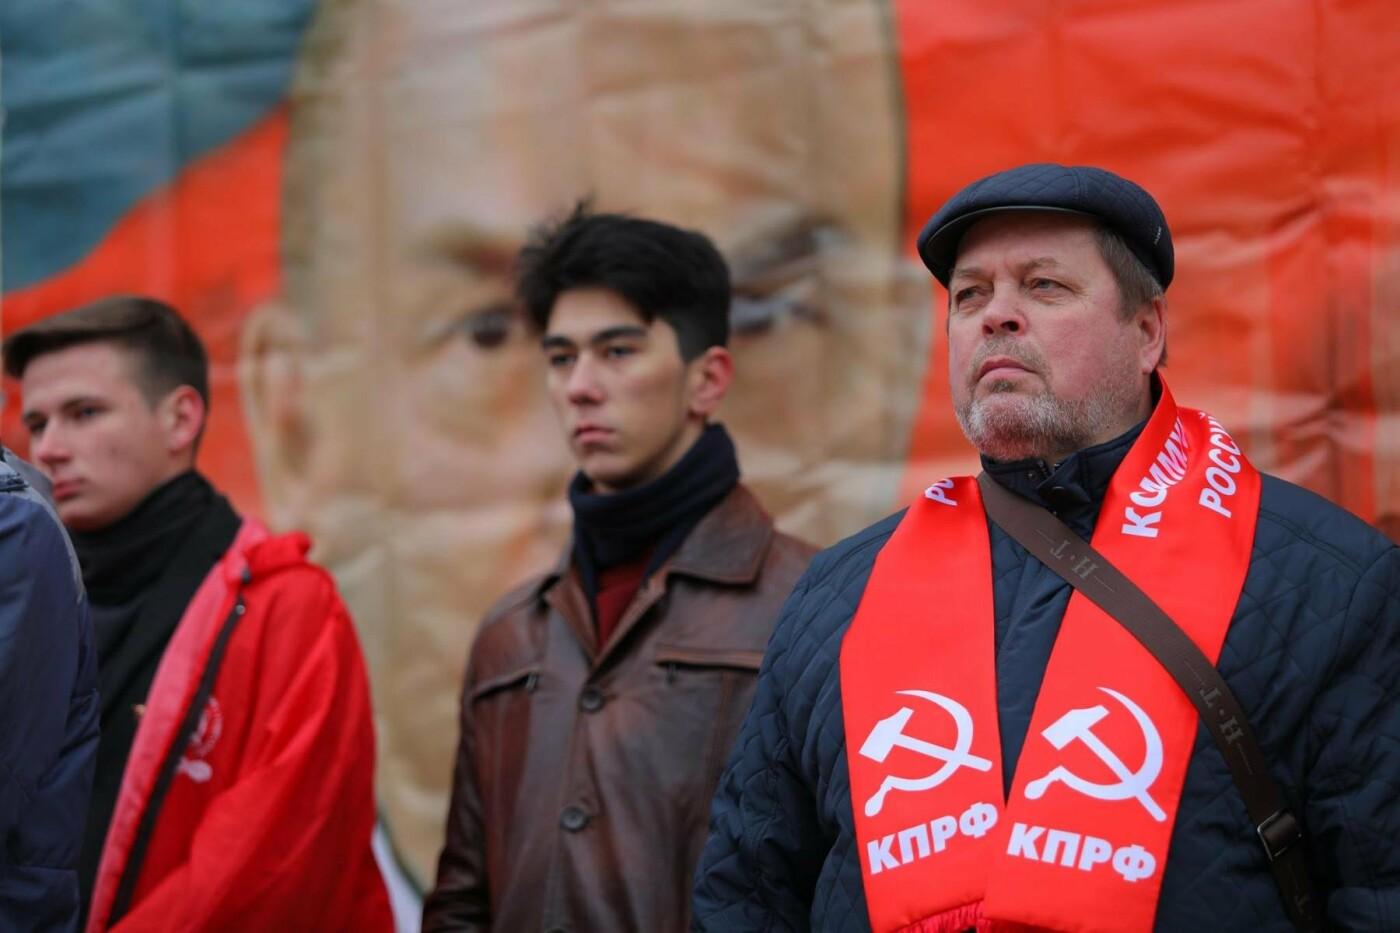 В парке Победы прошла демонстрация в честь 100-летия революции, фото-13